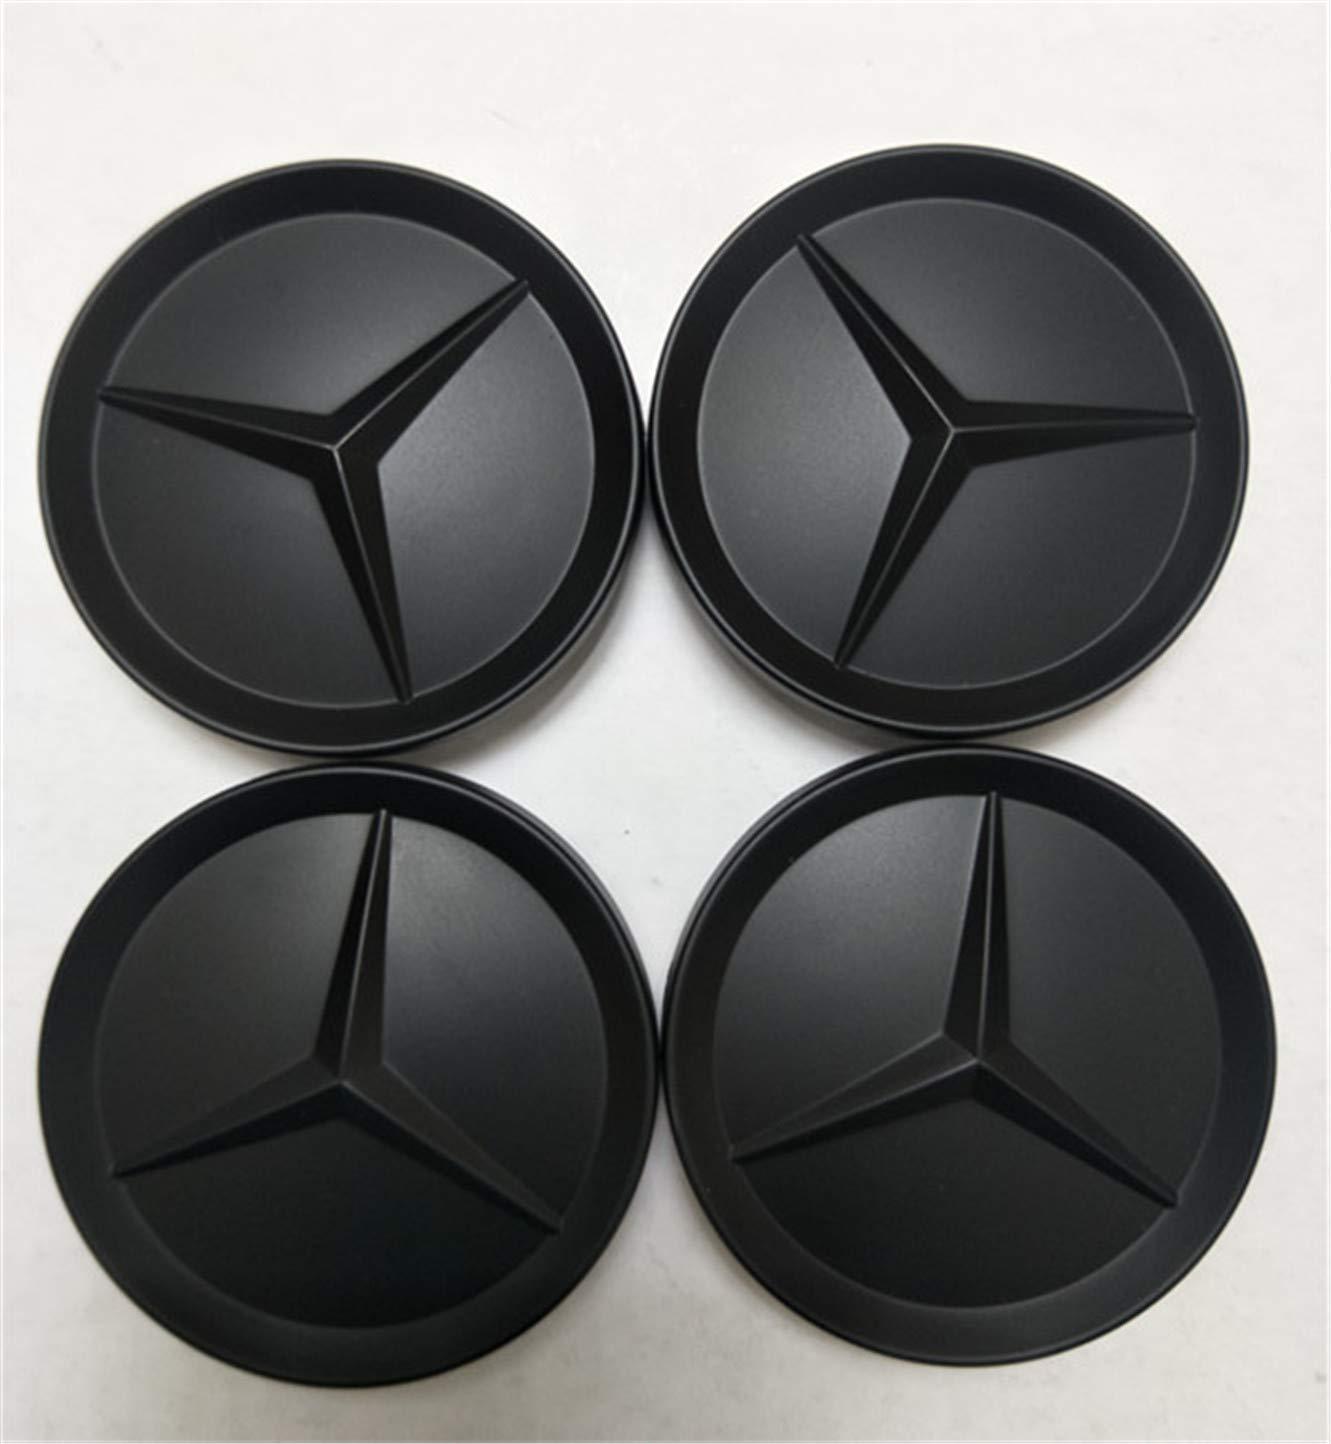 4X Wheel Center Caps Emblem Matte Black Hubcaps 64MM fit Mercedes Benz yfaith